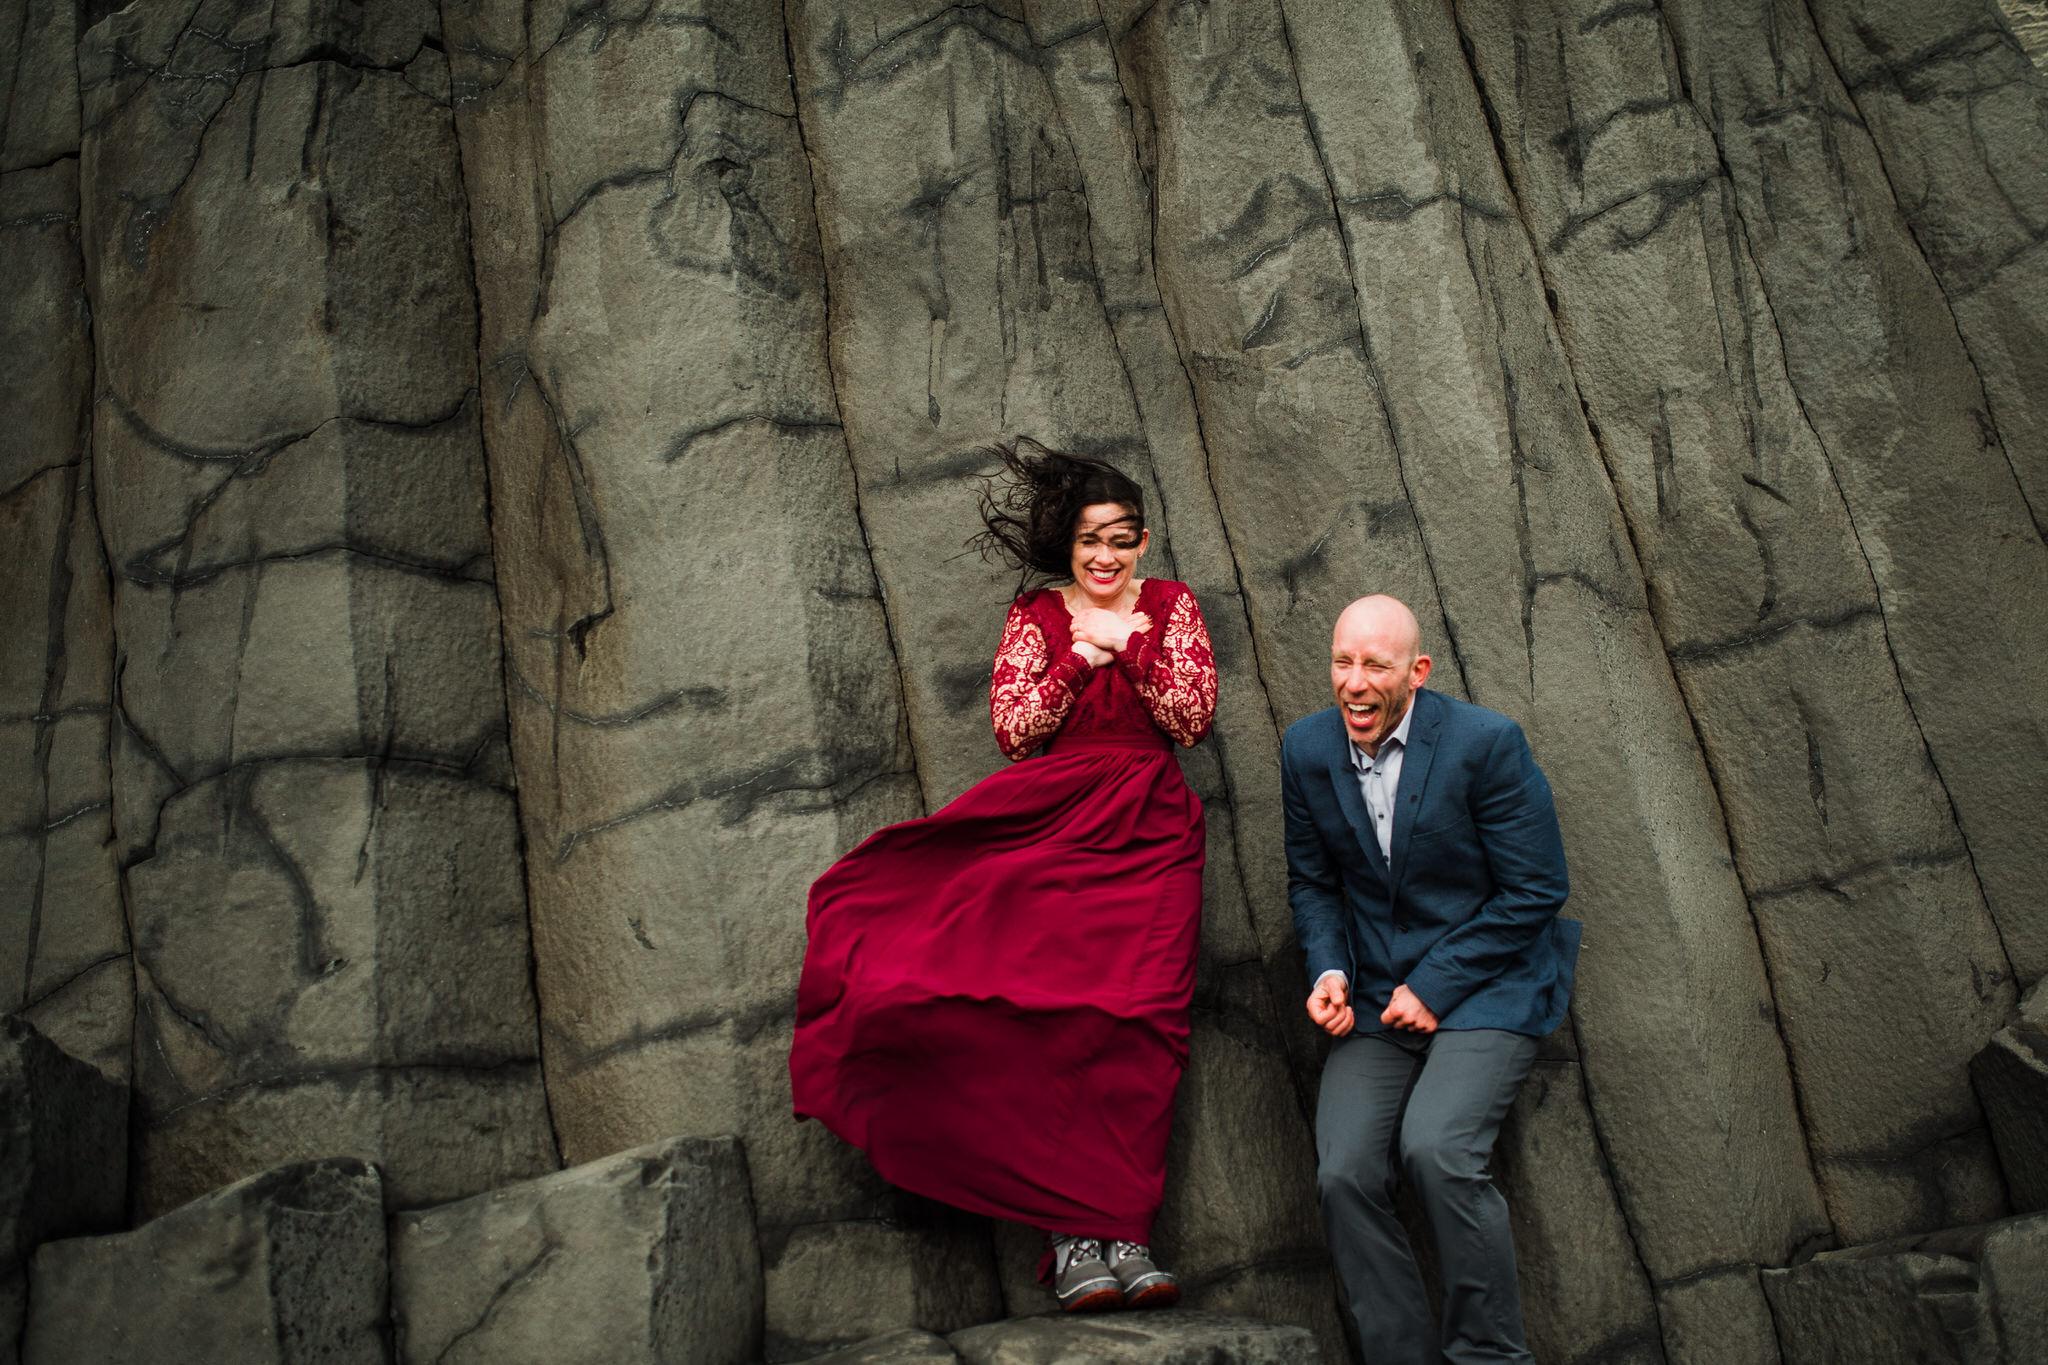 Pruutpaar vihmasel ja tuulise ilmal Islandil 10 parimat nõuannet pulmadeks